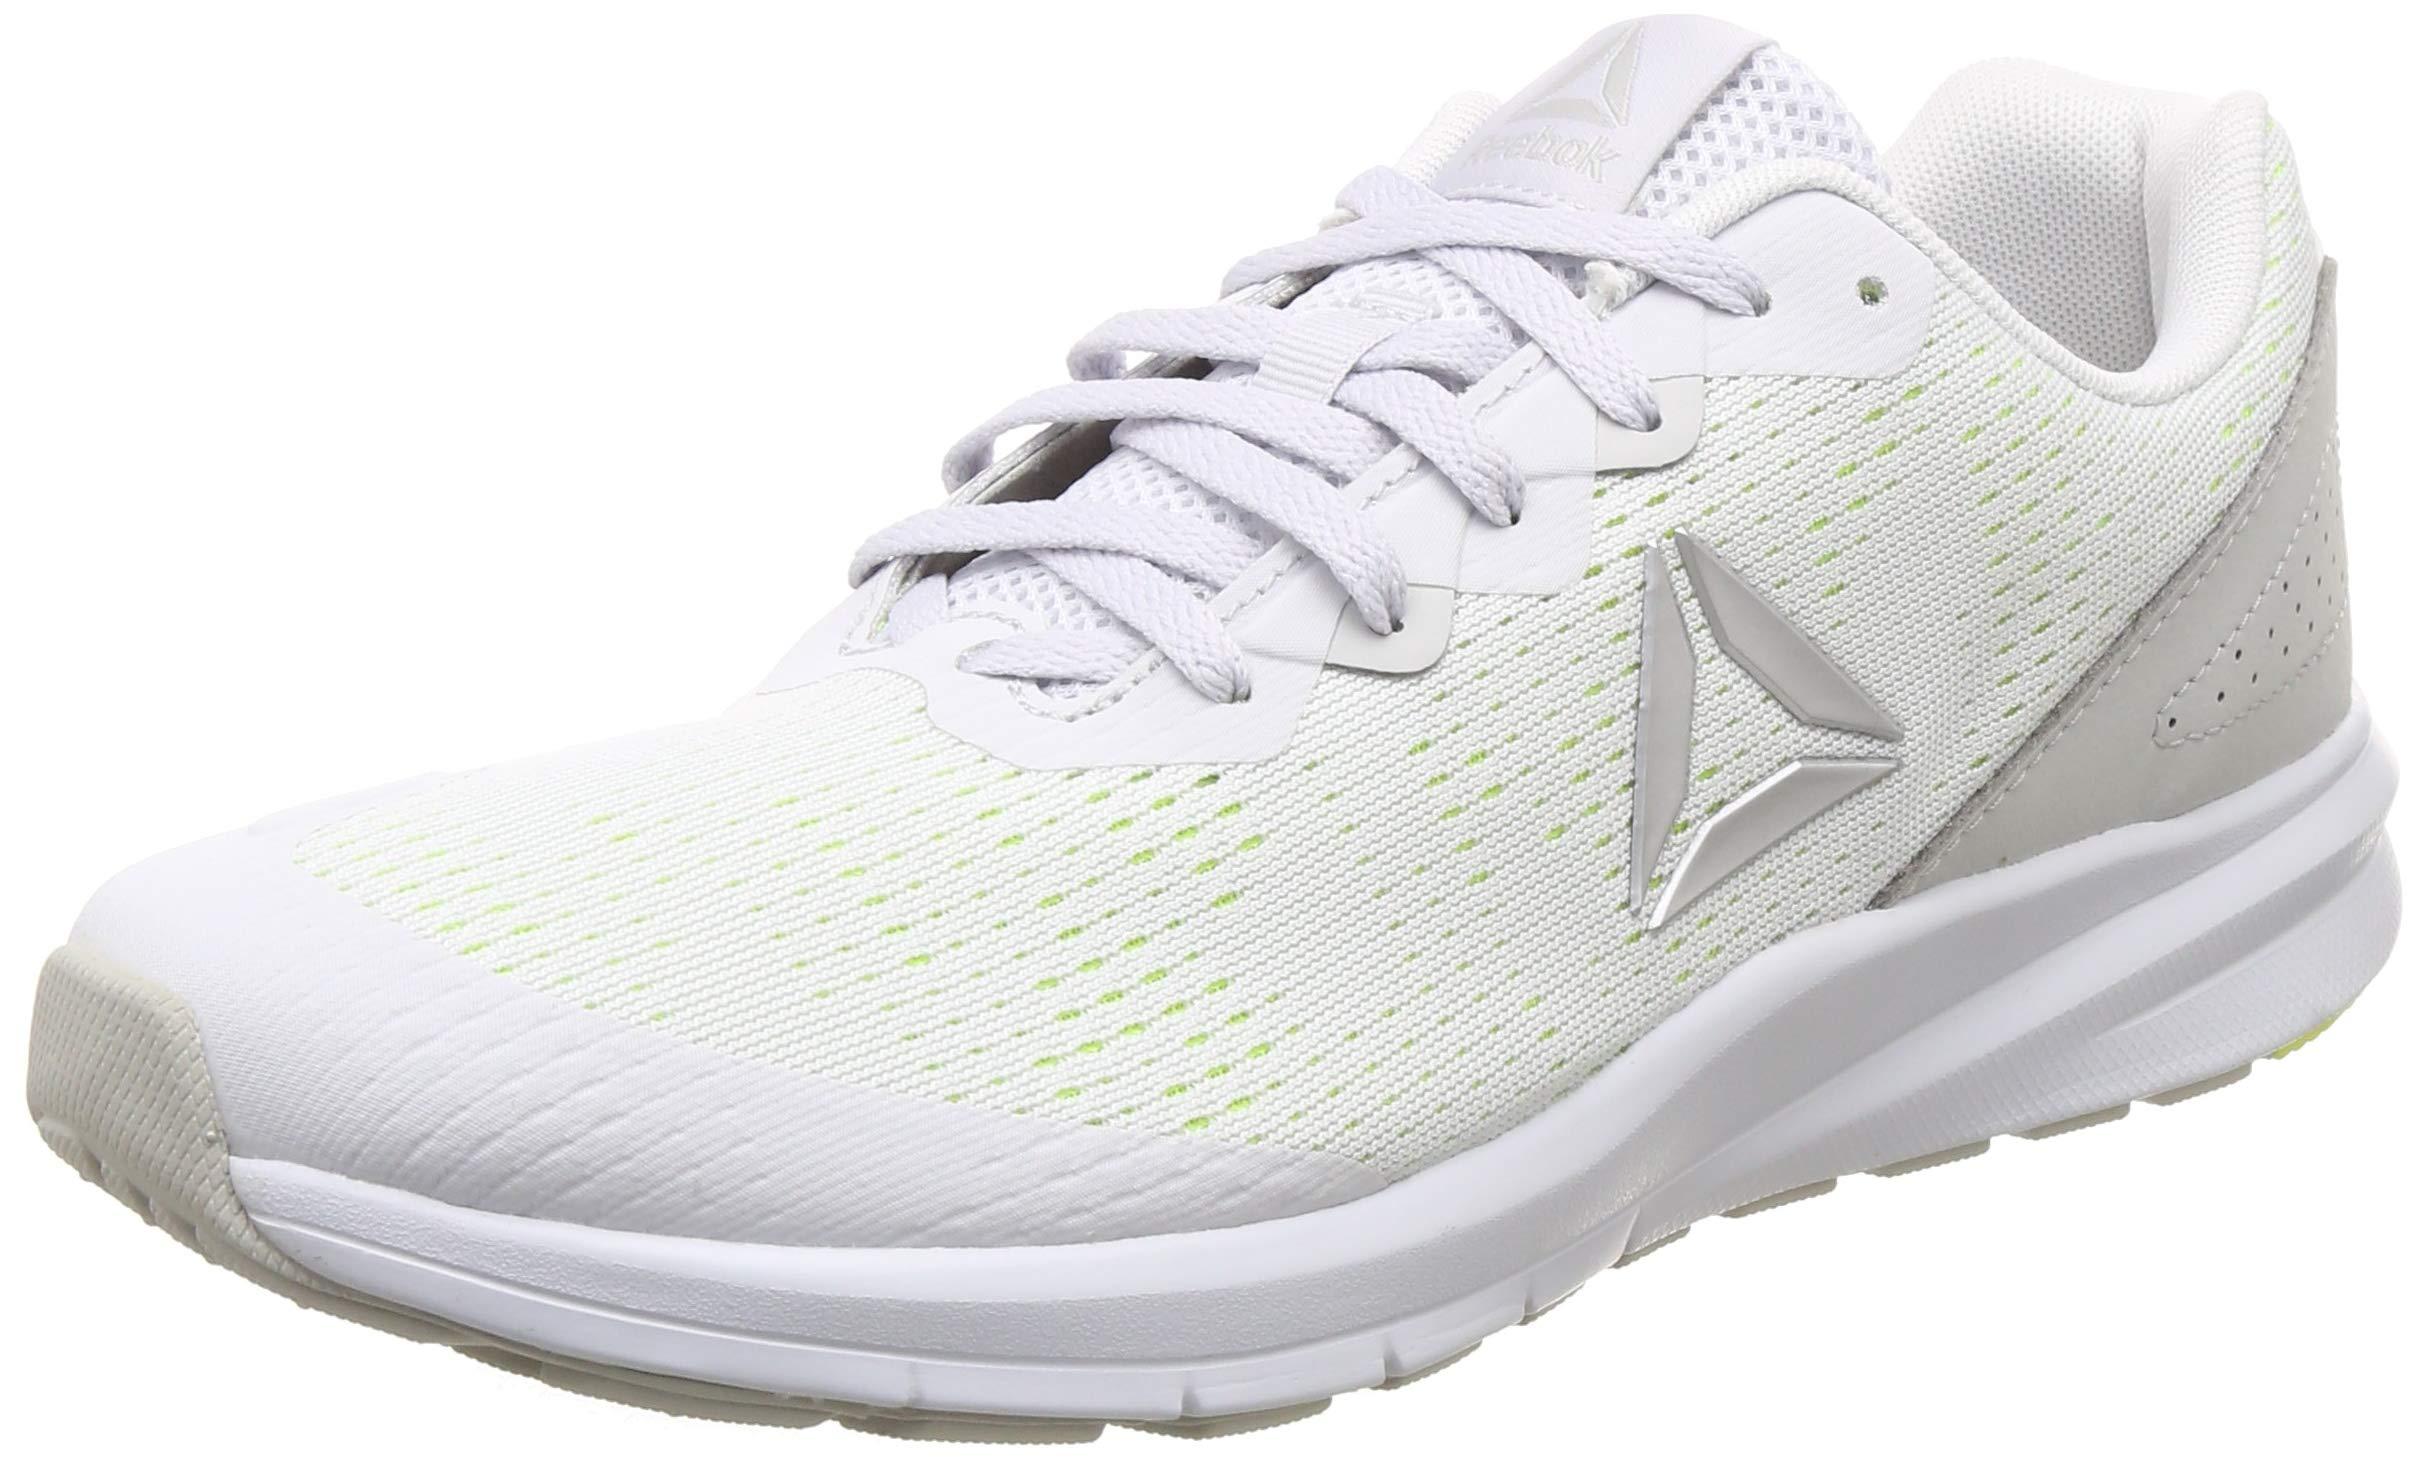 Reebok Women's Runner 3.0 Running Shoes